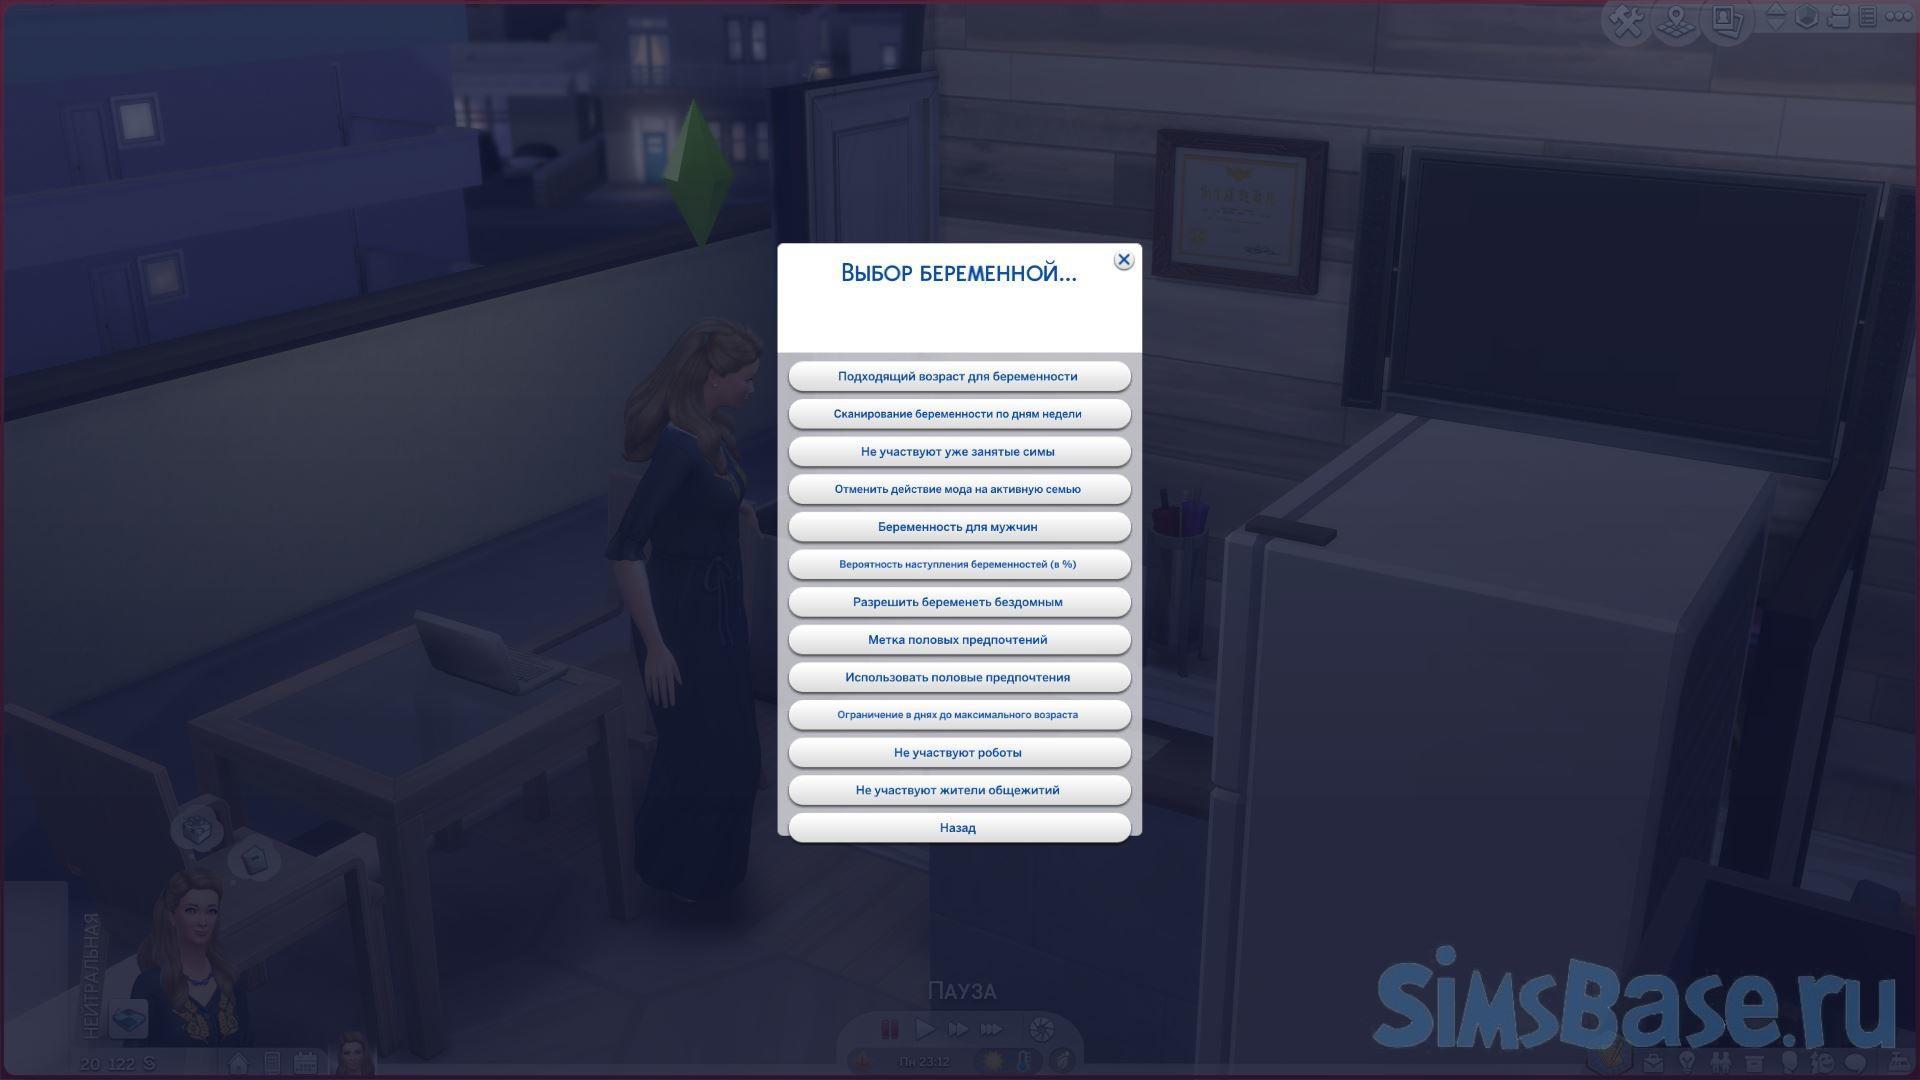 Все различия между модами MC Командный центр и MC Woohoo для Sims 4